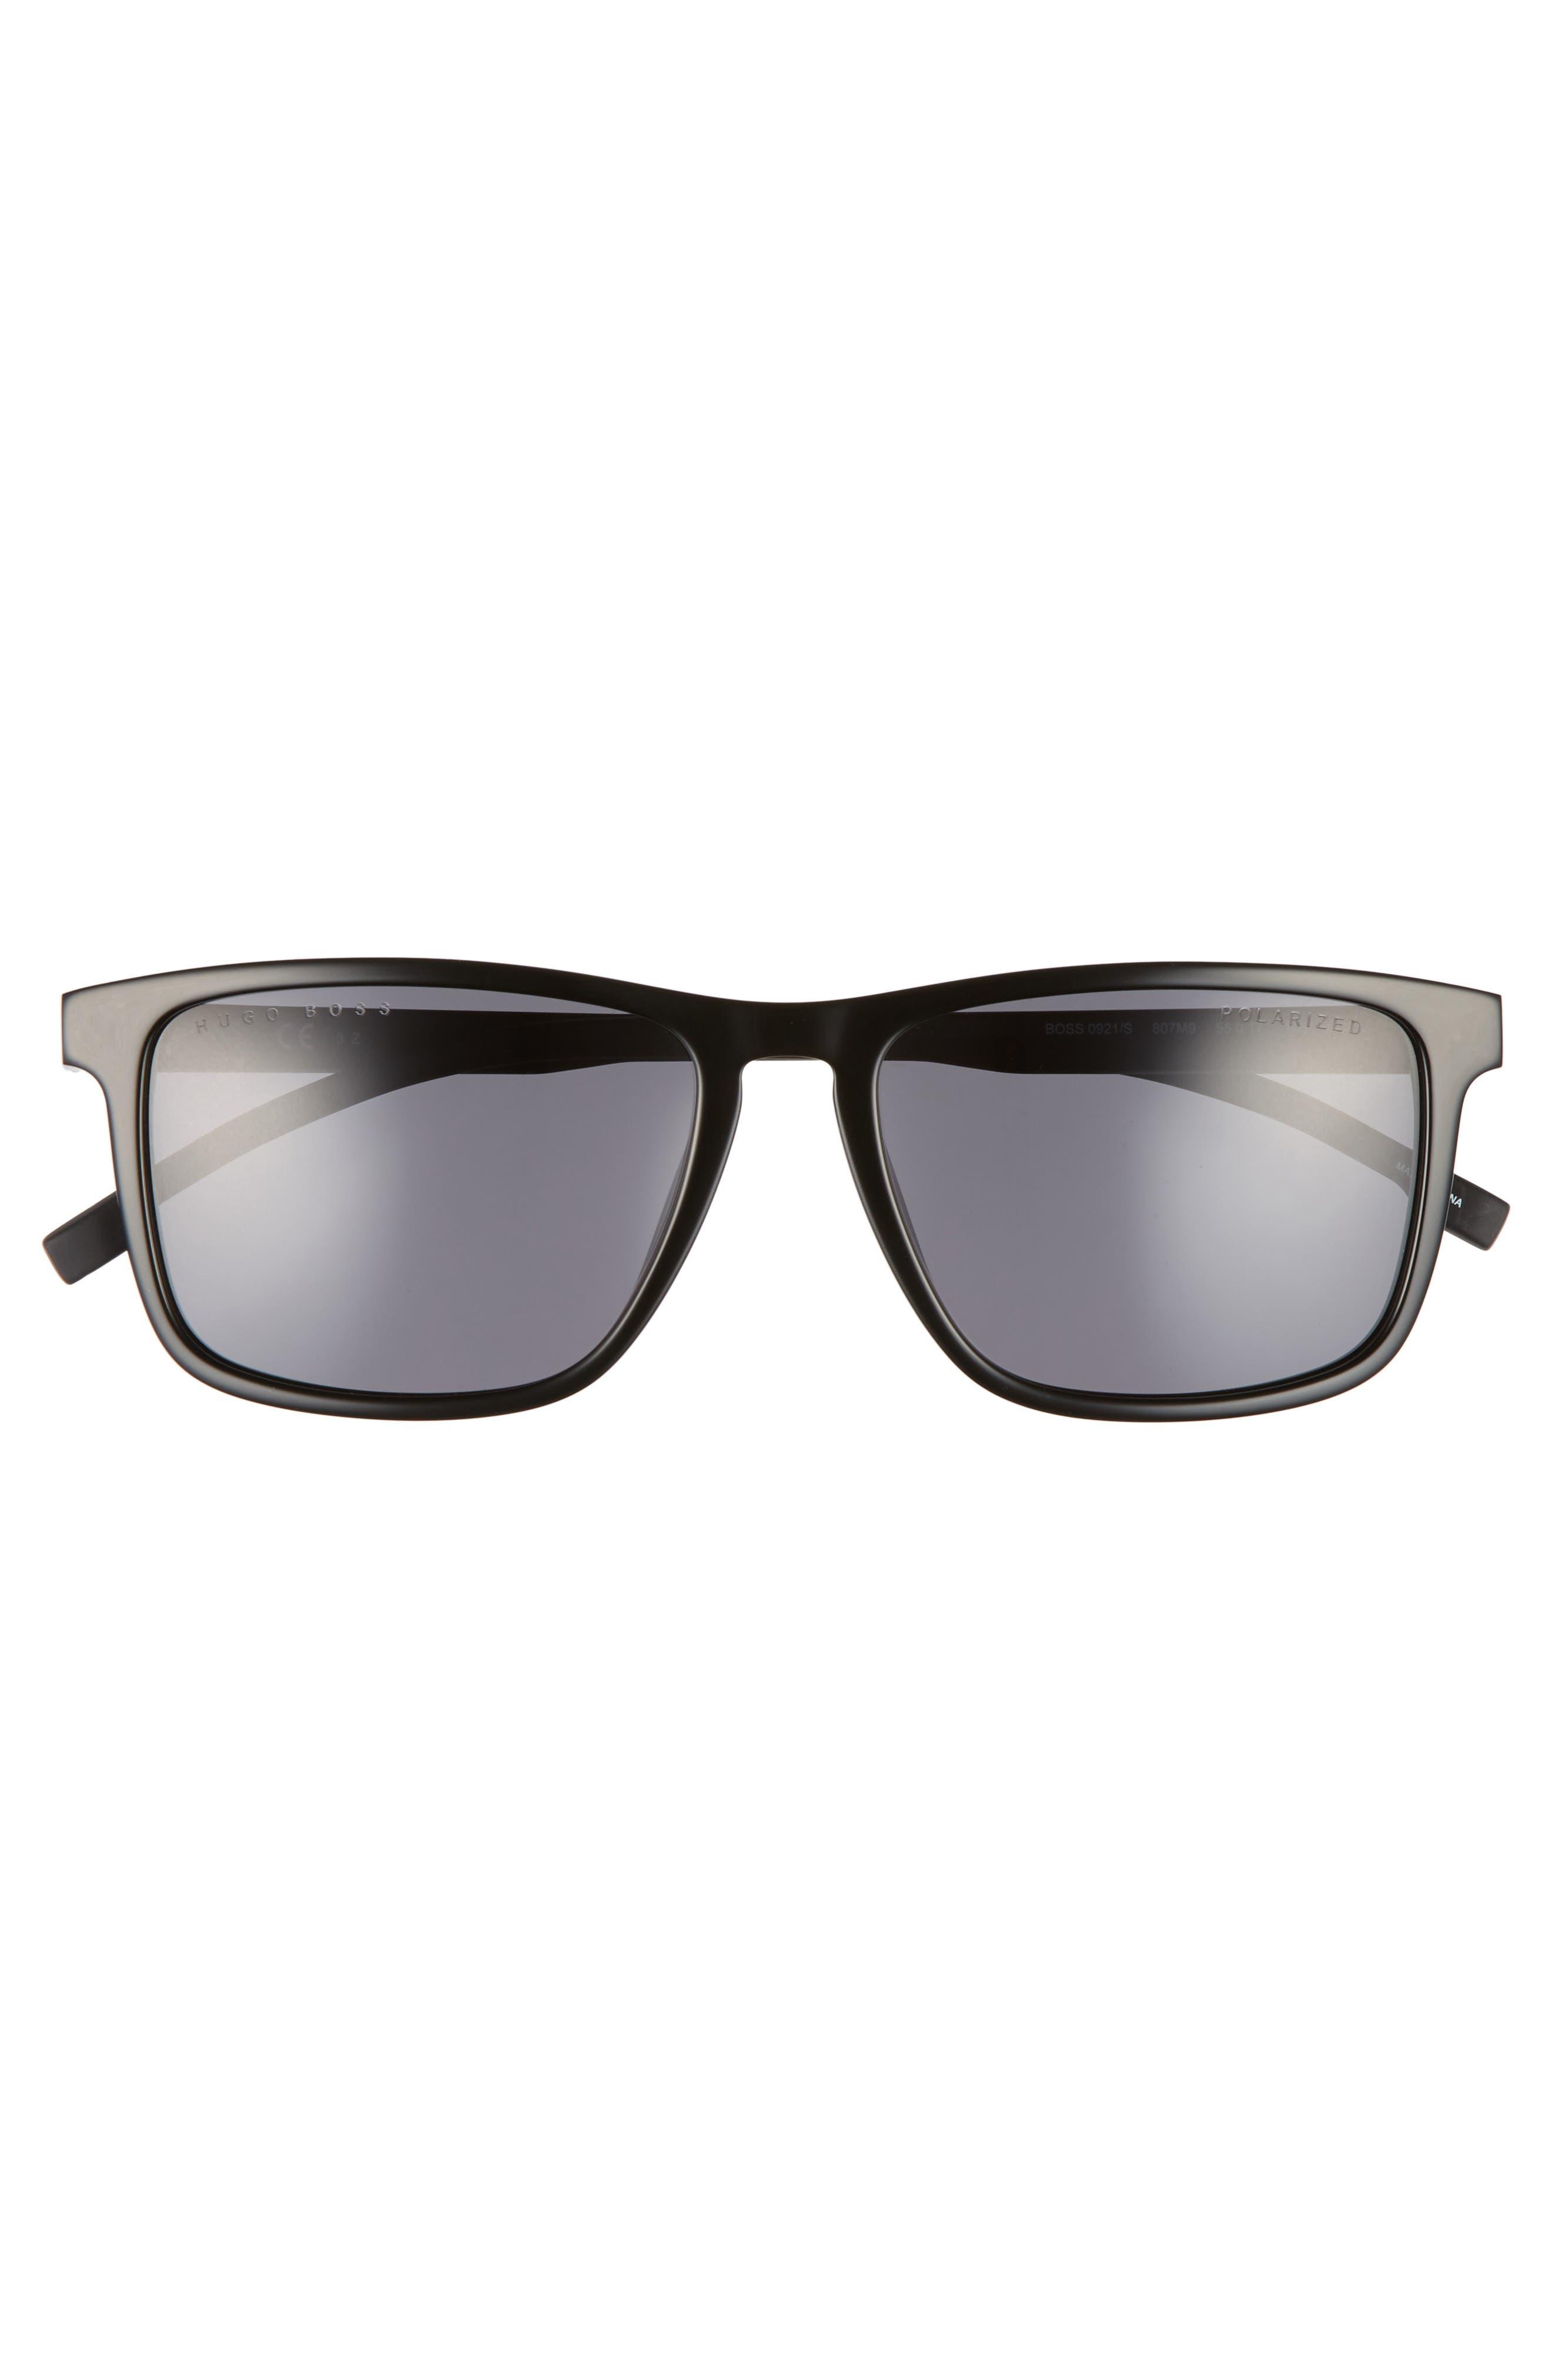 55mm Sunglasses,                             Alternate thumbnail 2, color,                             Black/ Gray Polarized